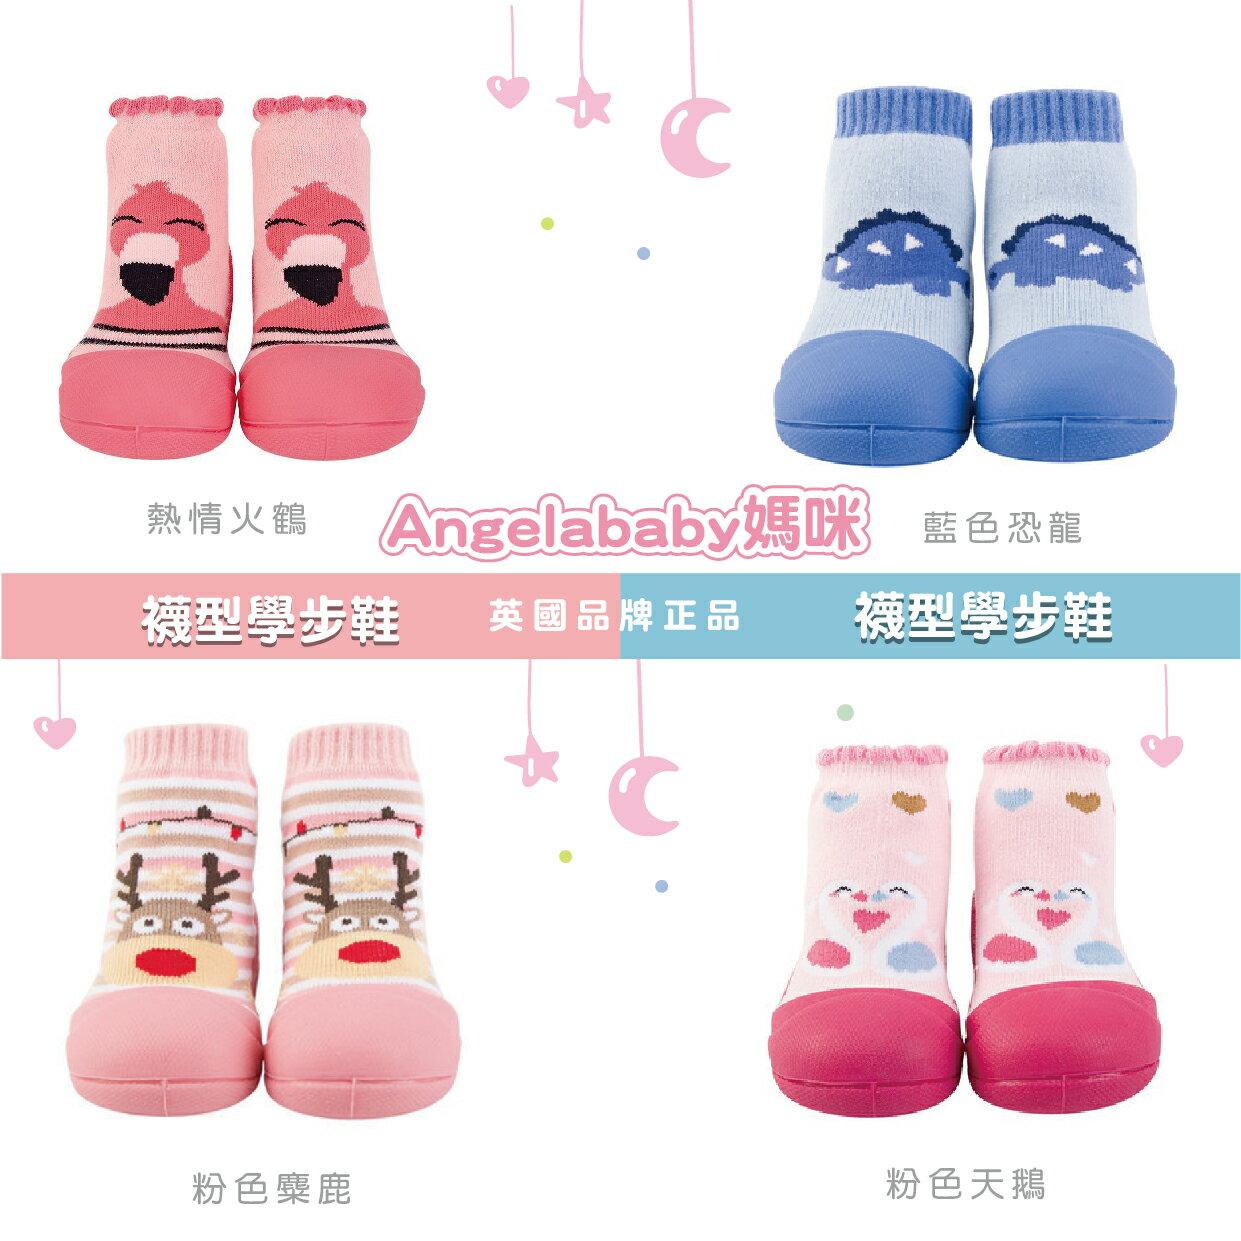 【培婗PeNi】英國品牌純棉毛圈襪鞋 / 幼兒學步鞋 / 襪型鞋 / 嬰兒鞋 2